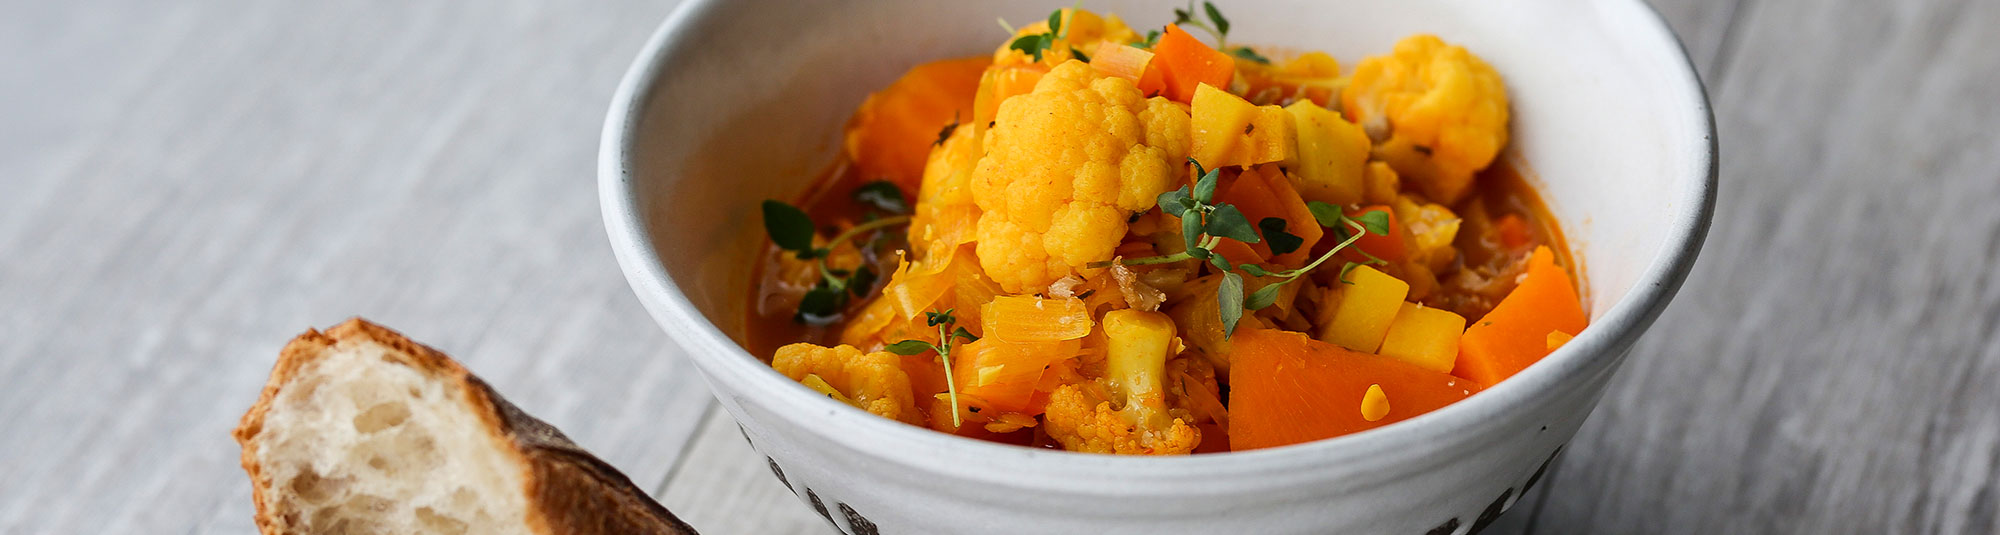 Mustig Pease gryta med blomkål och sötpotatis, gjord på Findus veganska ärtprotein Pease färs.